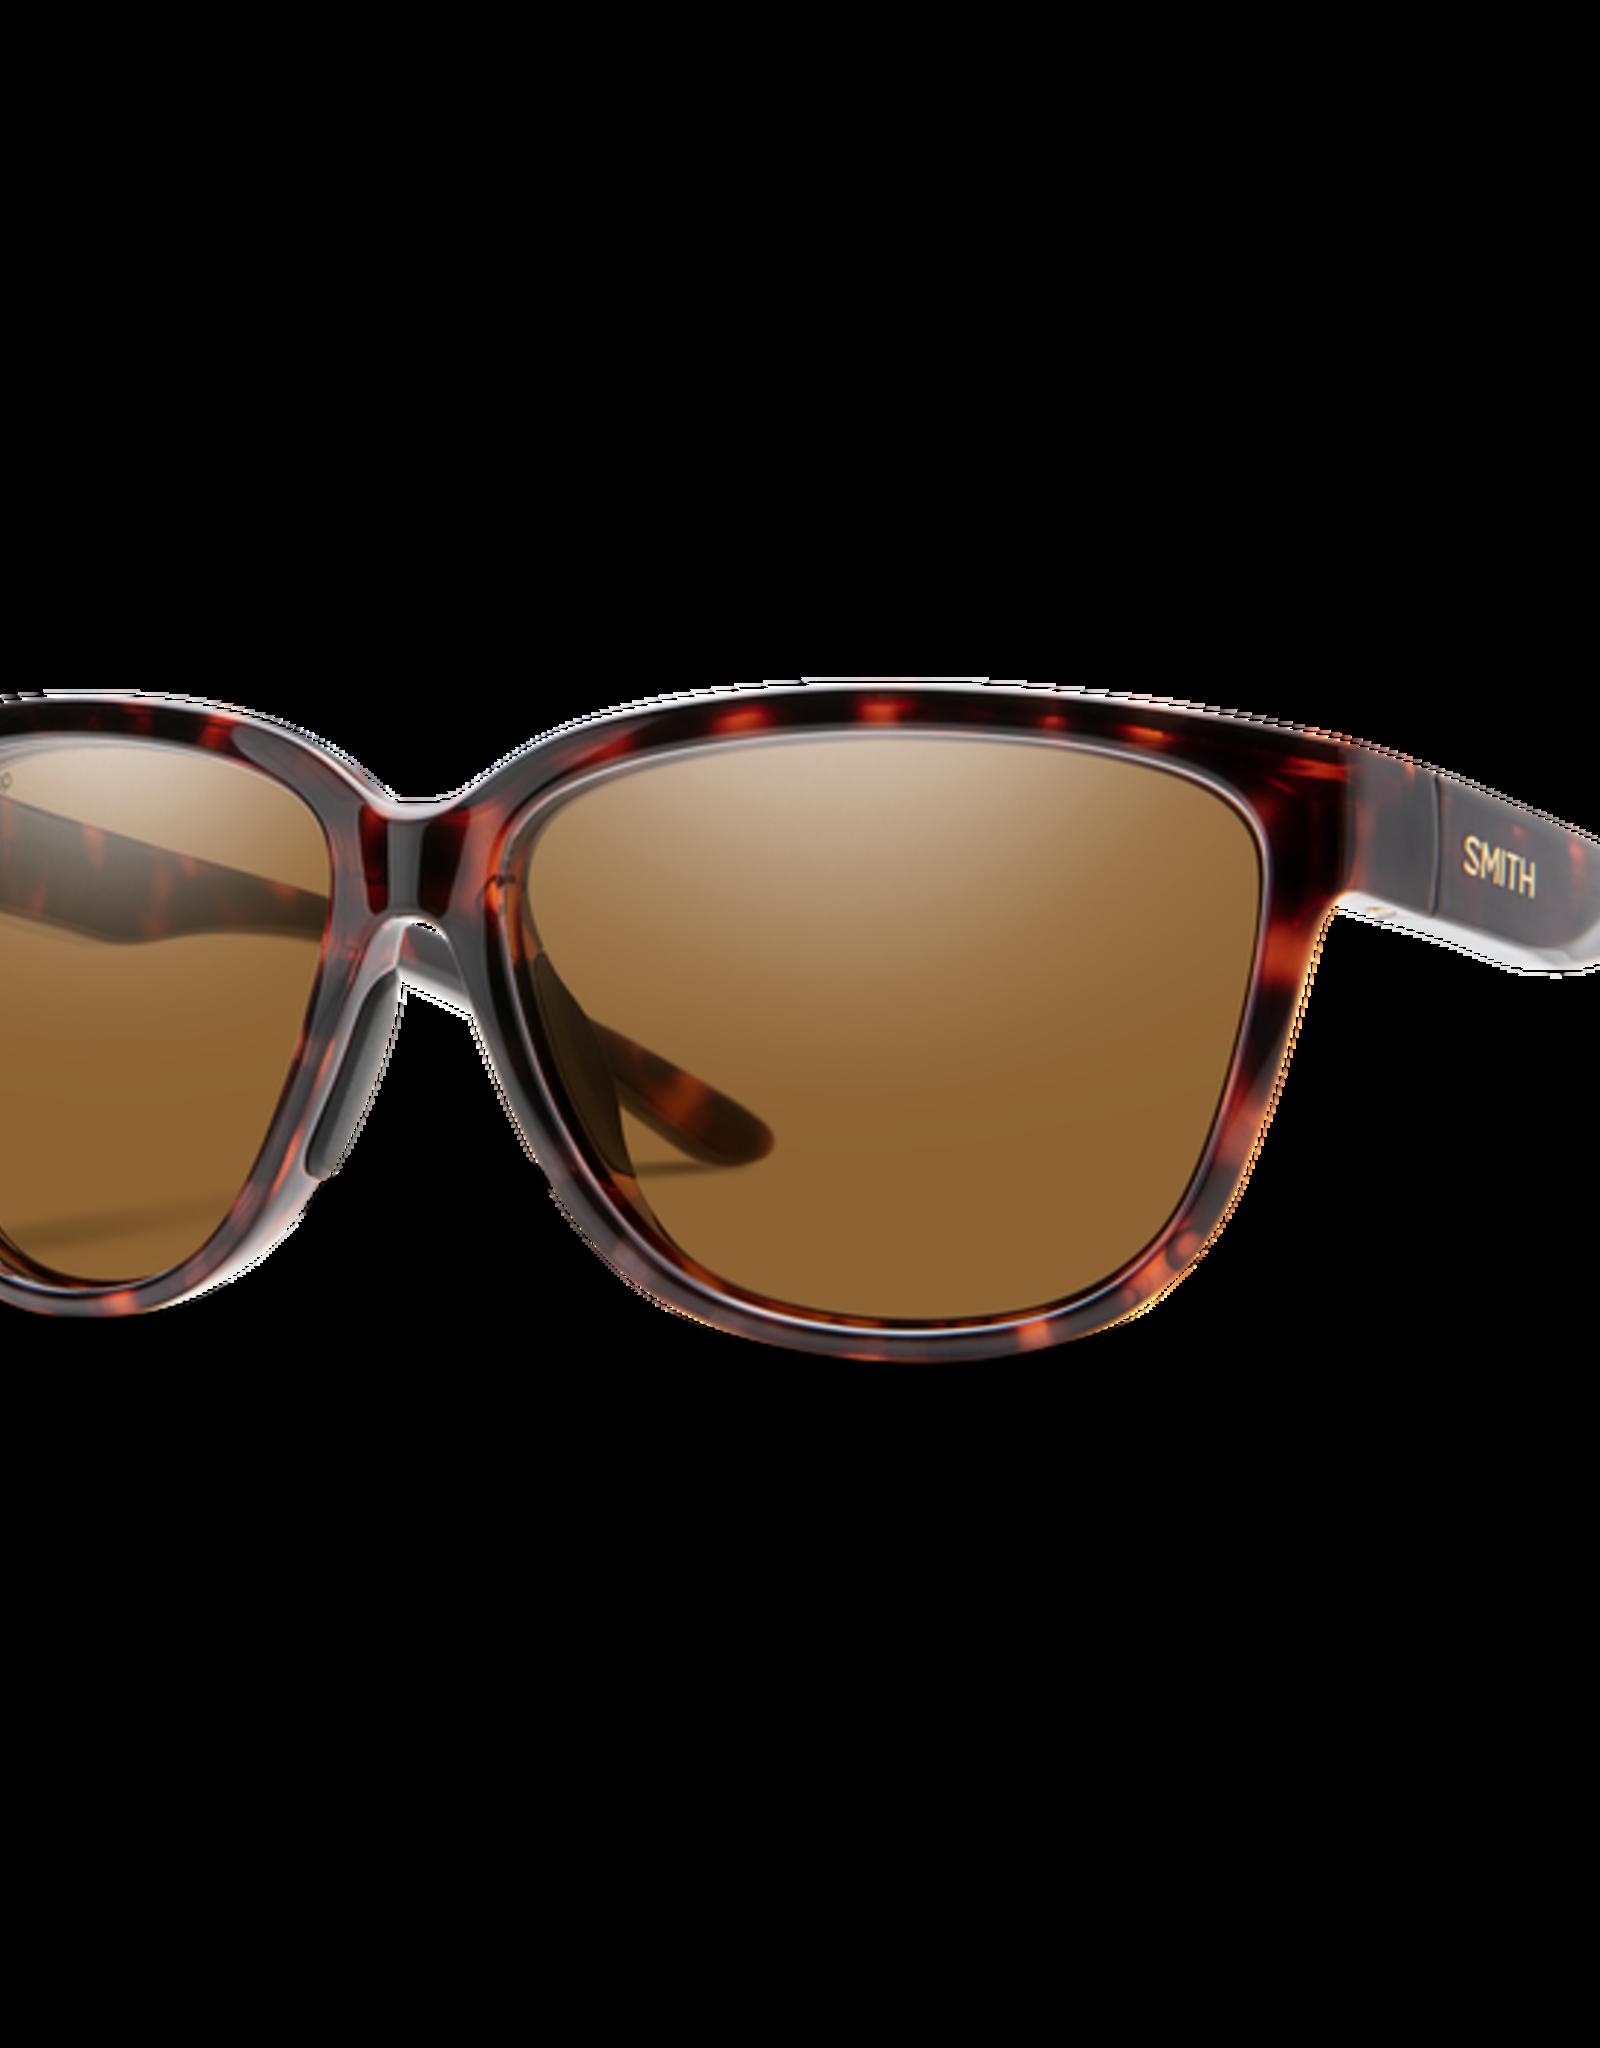 SMITH OPTICS SMITH Sunglasses MONTEREY Tortoise ChromaPop Polarized Brown